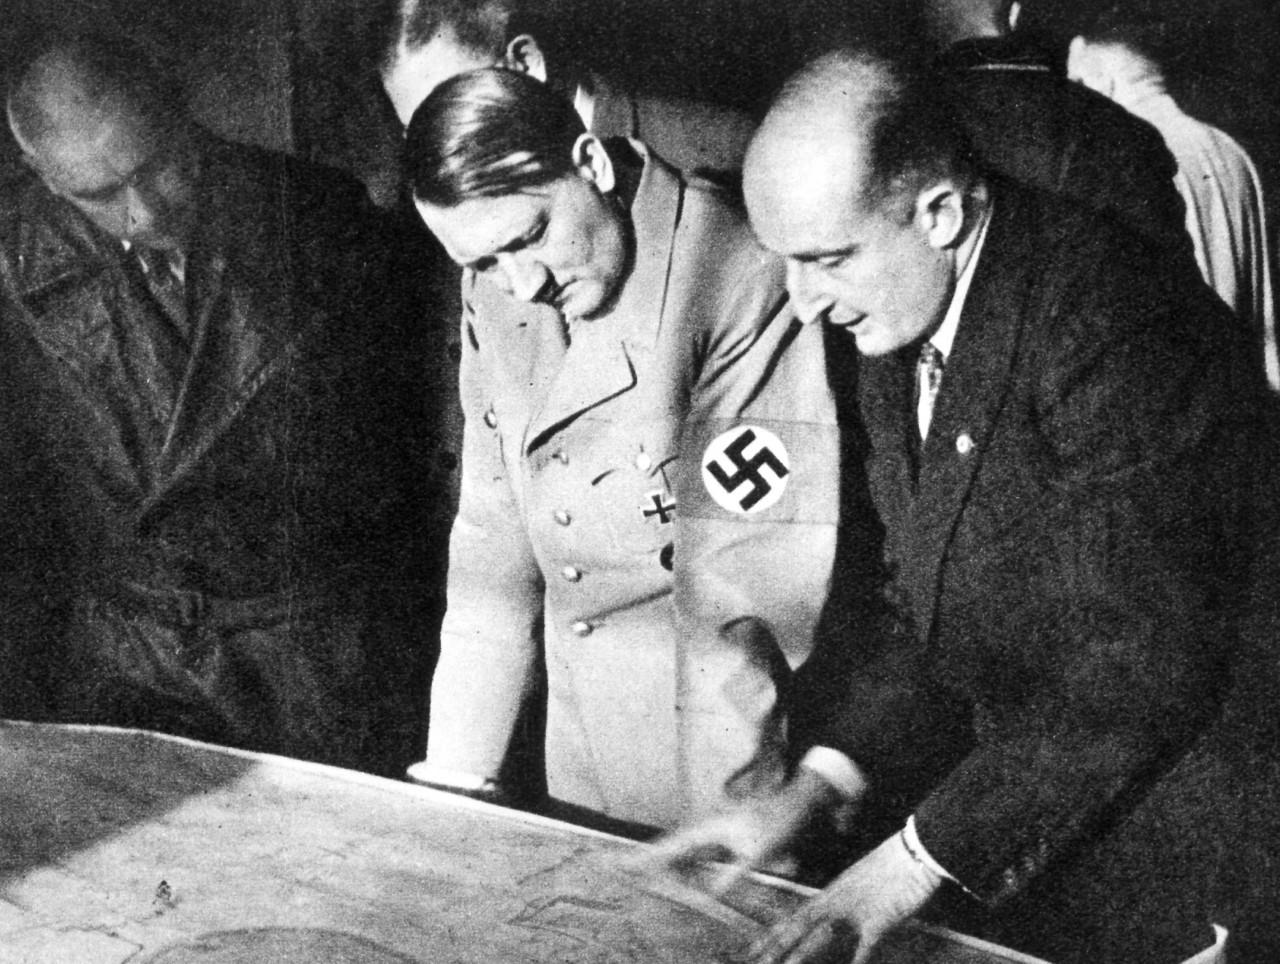 Гитлер обладал в конце войны элементарным атомным оружием